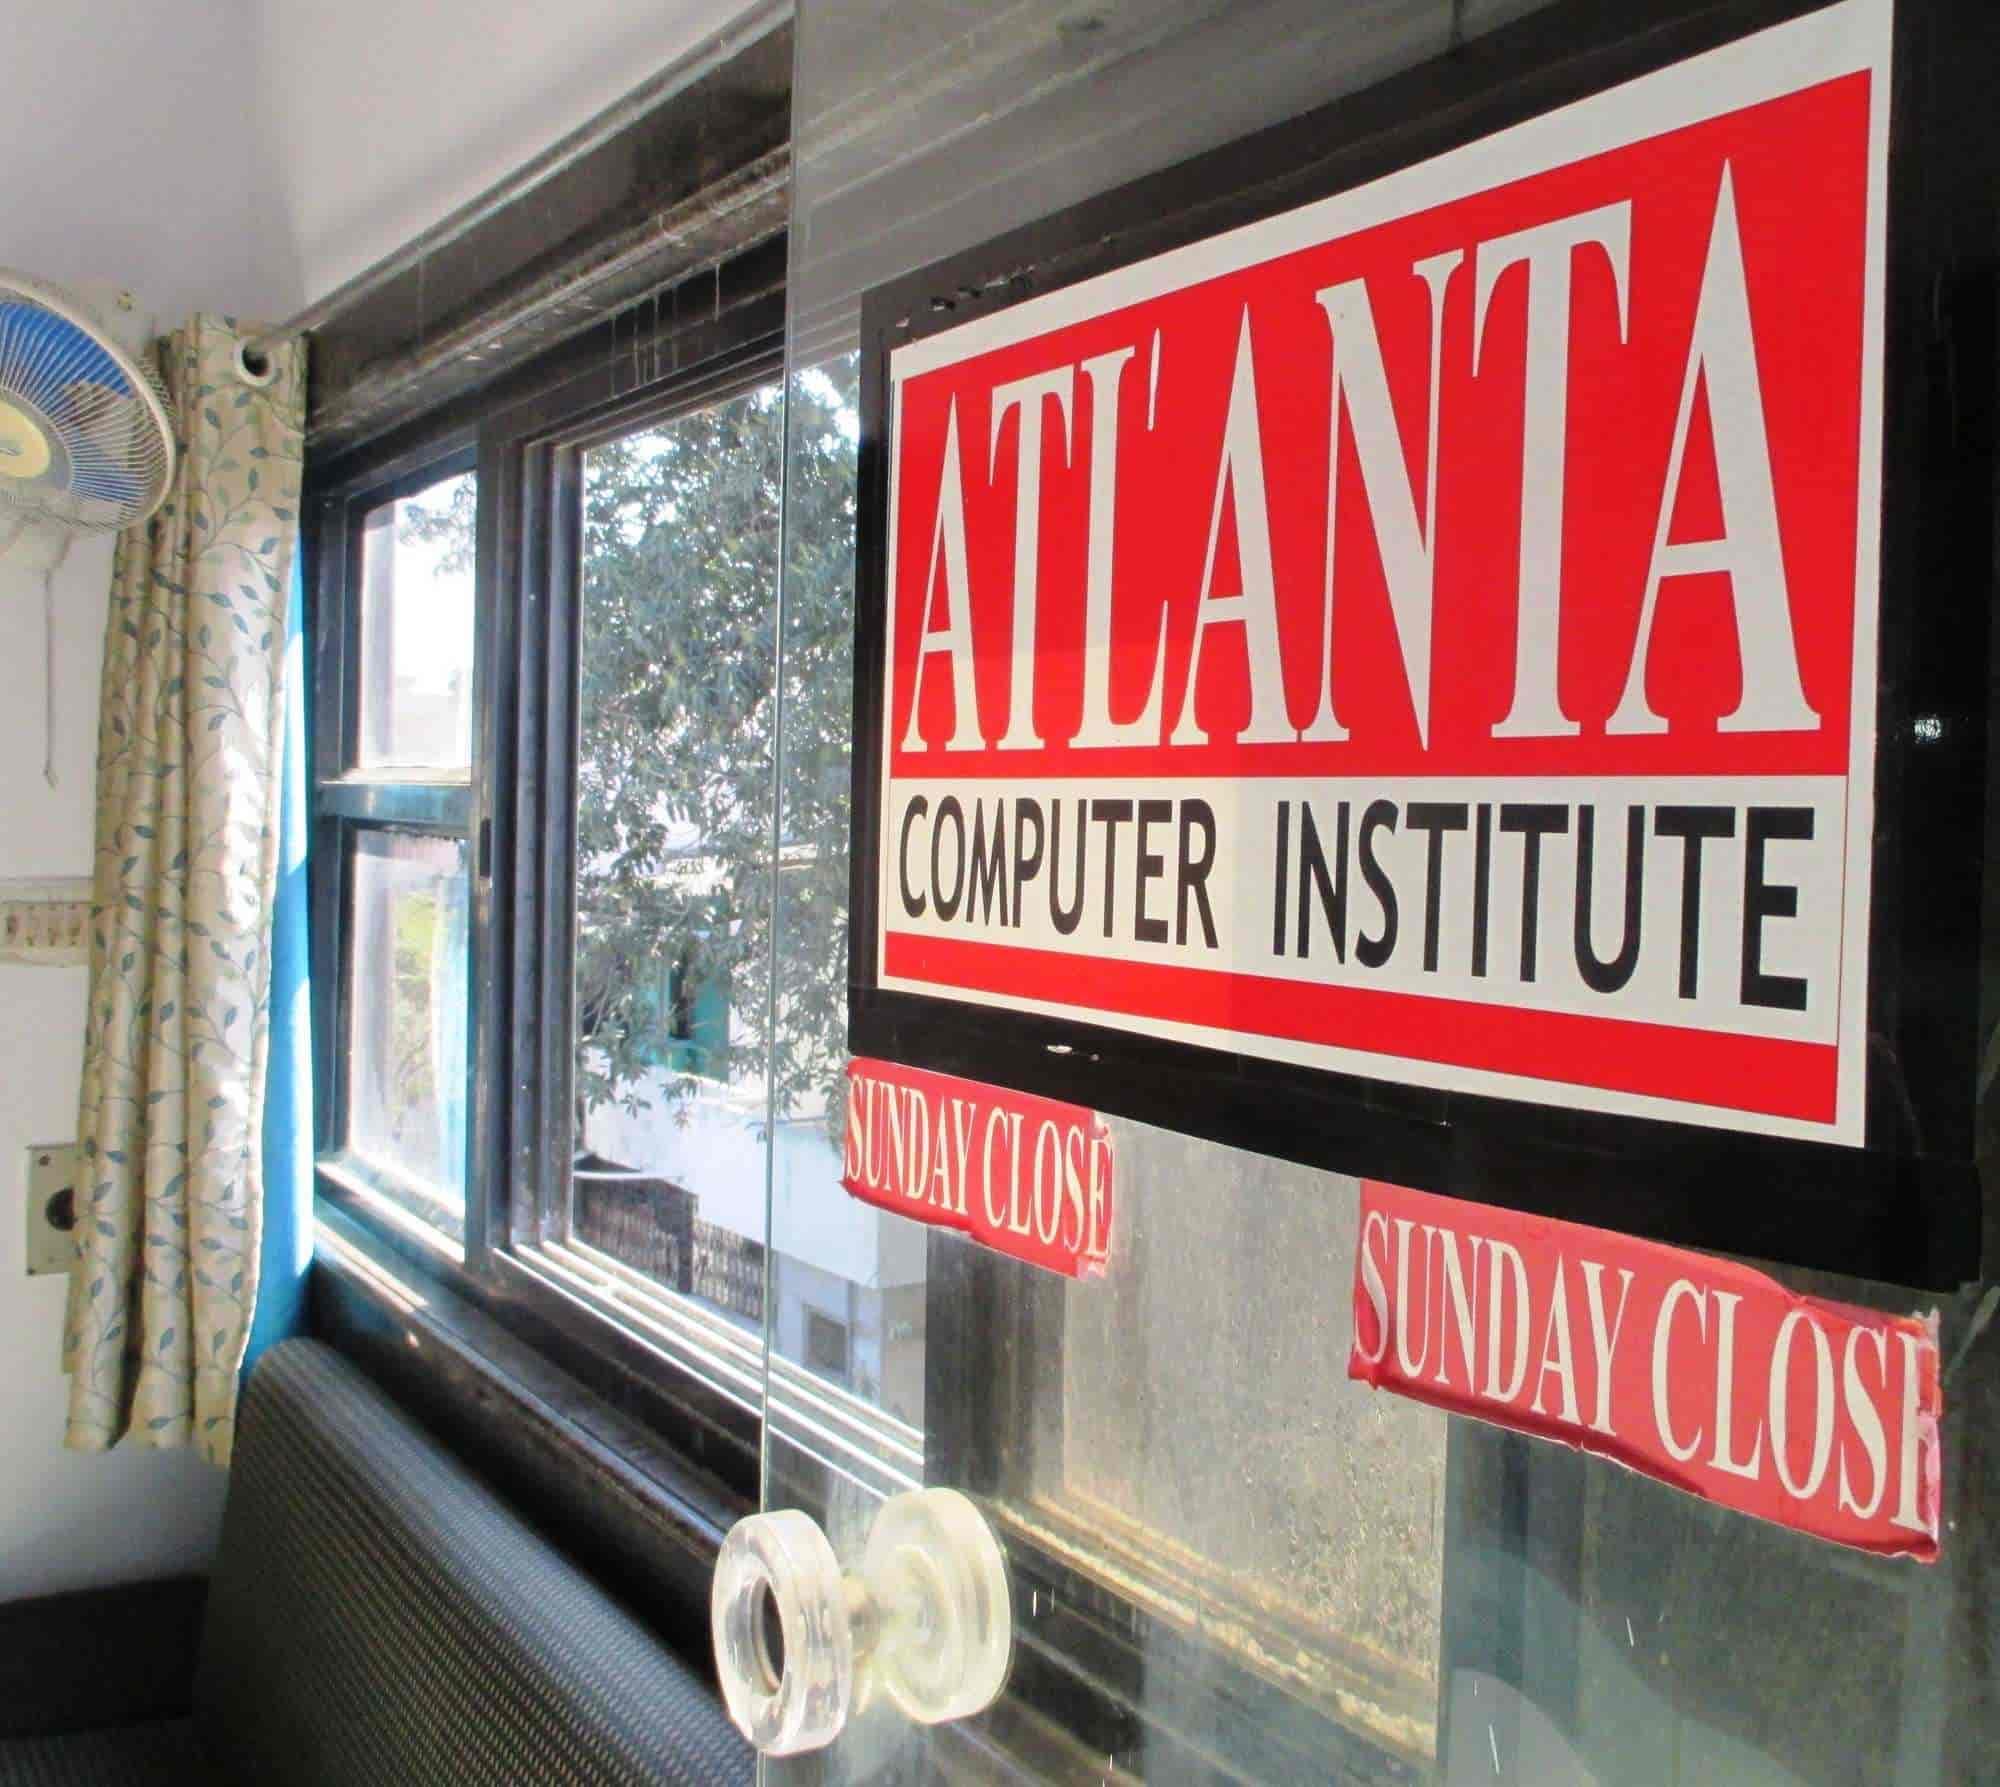 Atlanta Computer Institute Medical Square